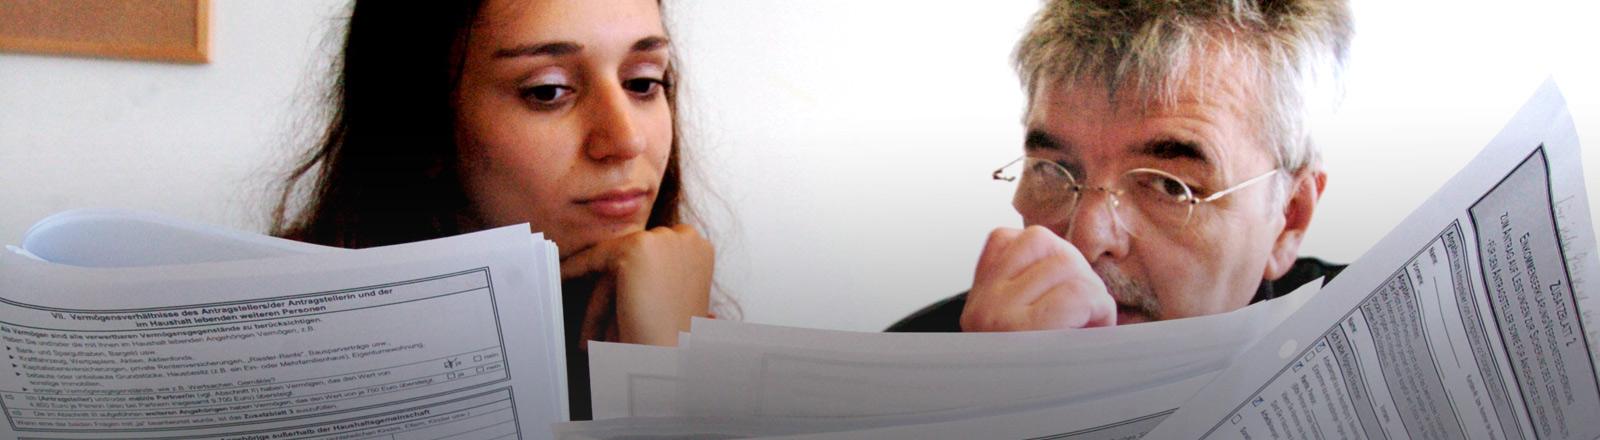 Frau und Mann lesen einen Hartz-IV-Antrag.